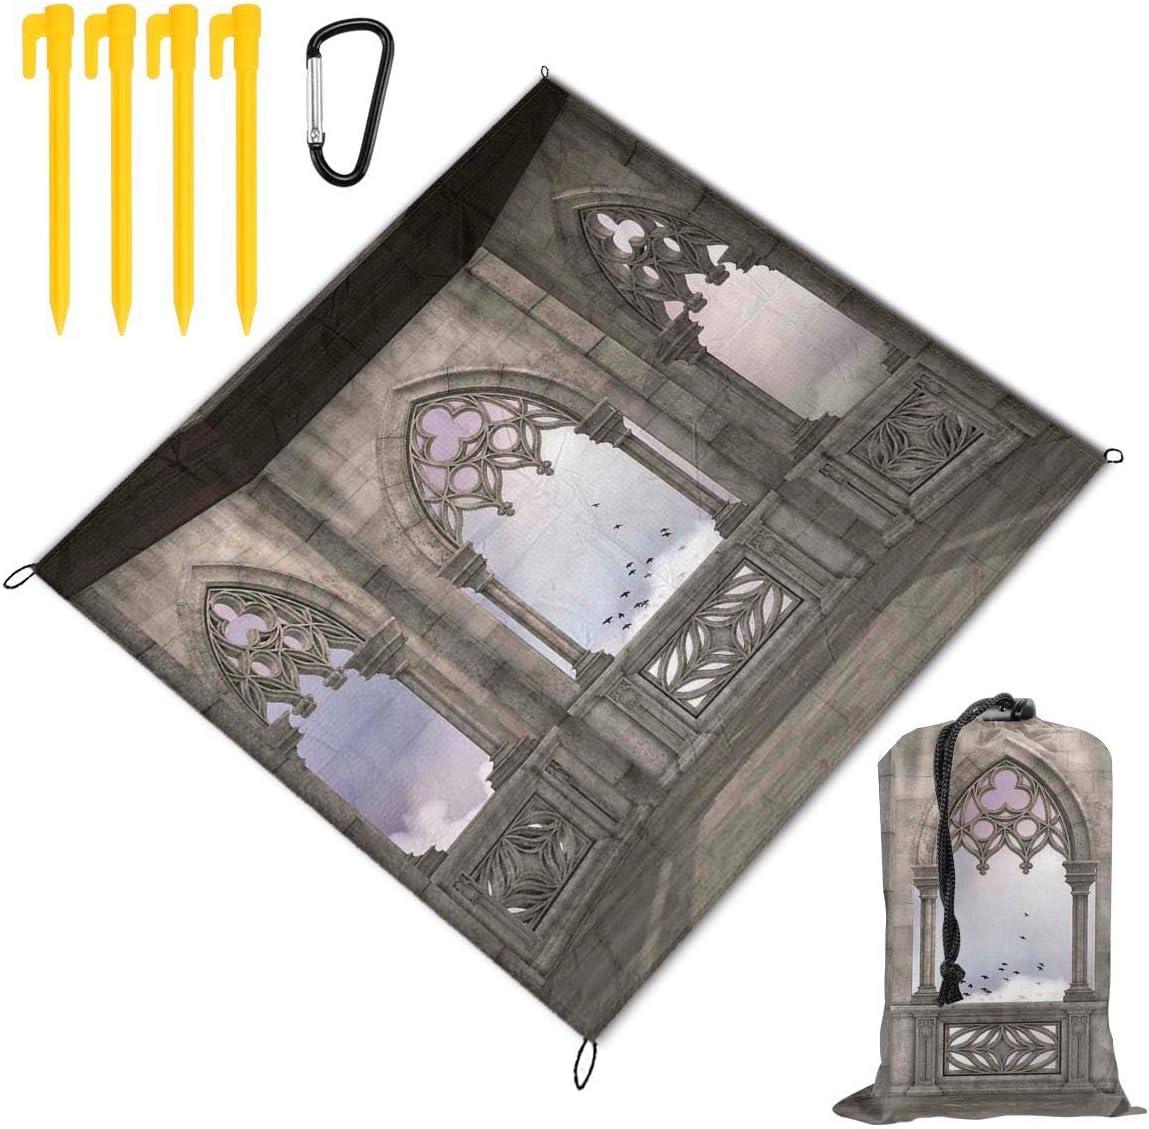 NOLYXICI Manta de Picnic 145x150cm,Balcón de Piedra Medieval con Curvas Diseño gráfico Mystic Middle Age Legend Story,Mantas de Playa al Aire Libre Impermeable Impermeable Estera para Senderismo